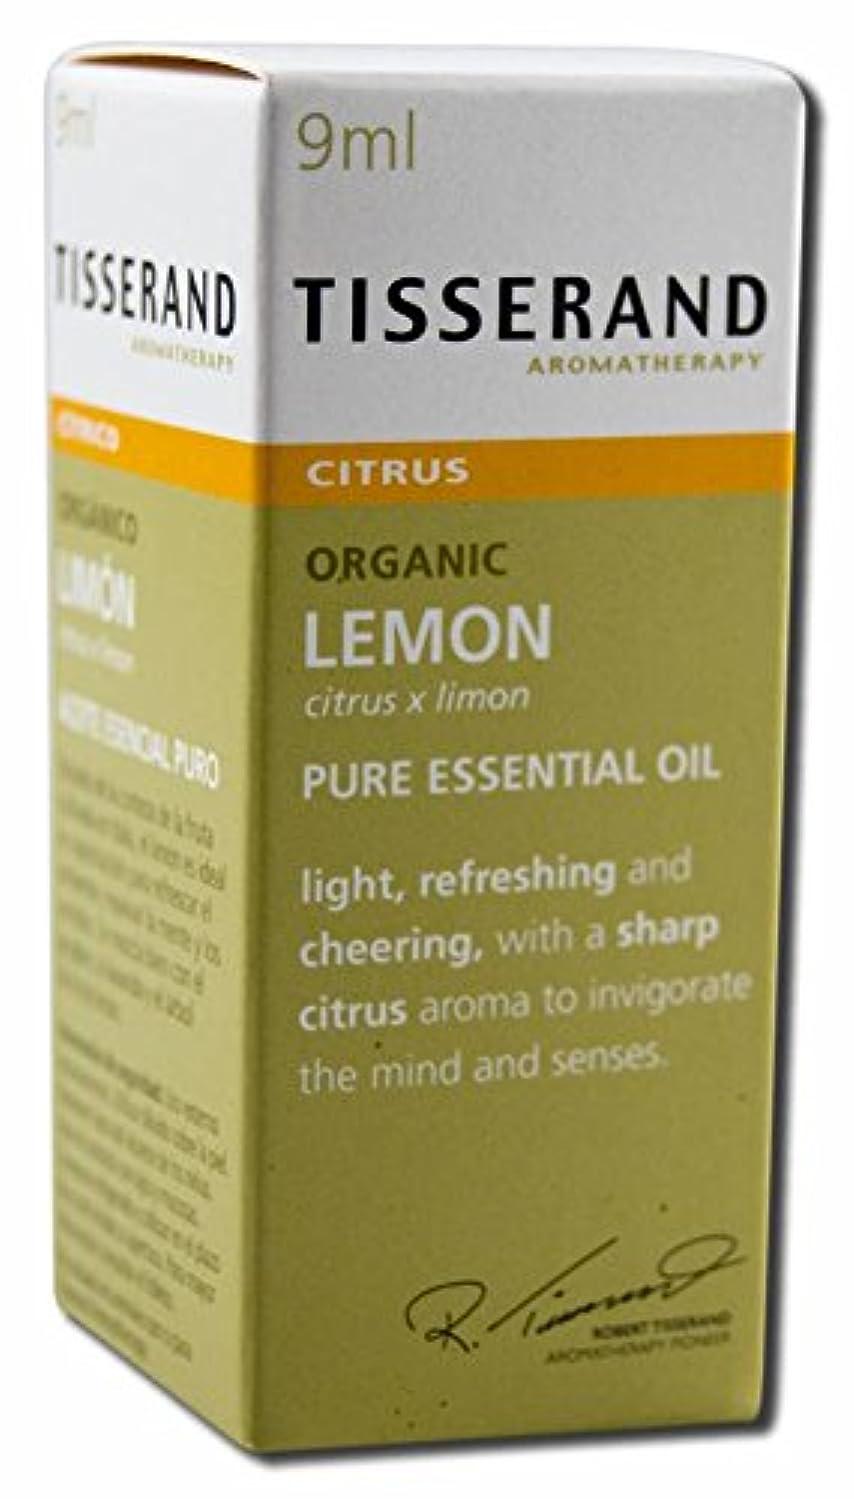 文明化因子サイドボードロバートティスランド ピュアエッセンシャルオイル レモン 9ml (オーガニック)